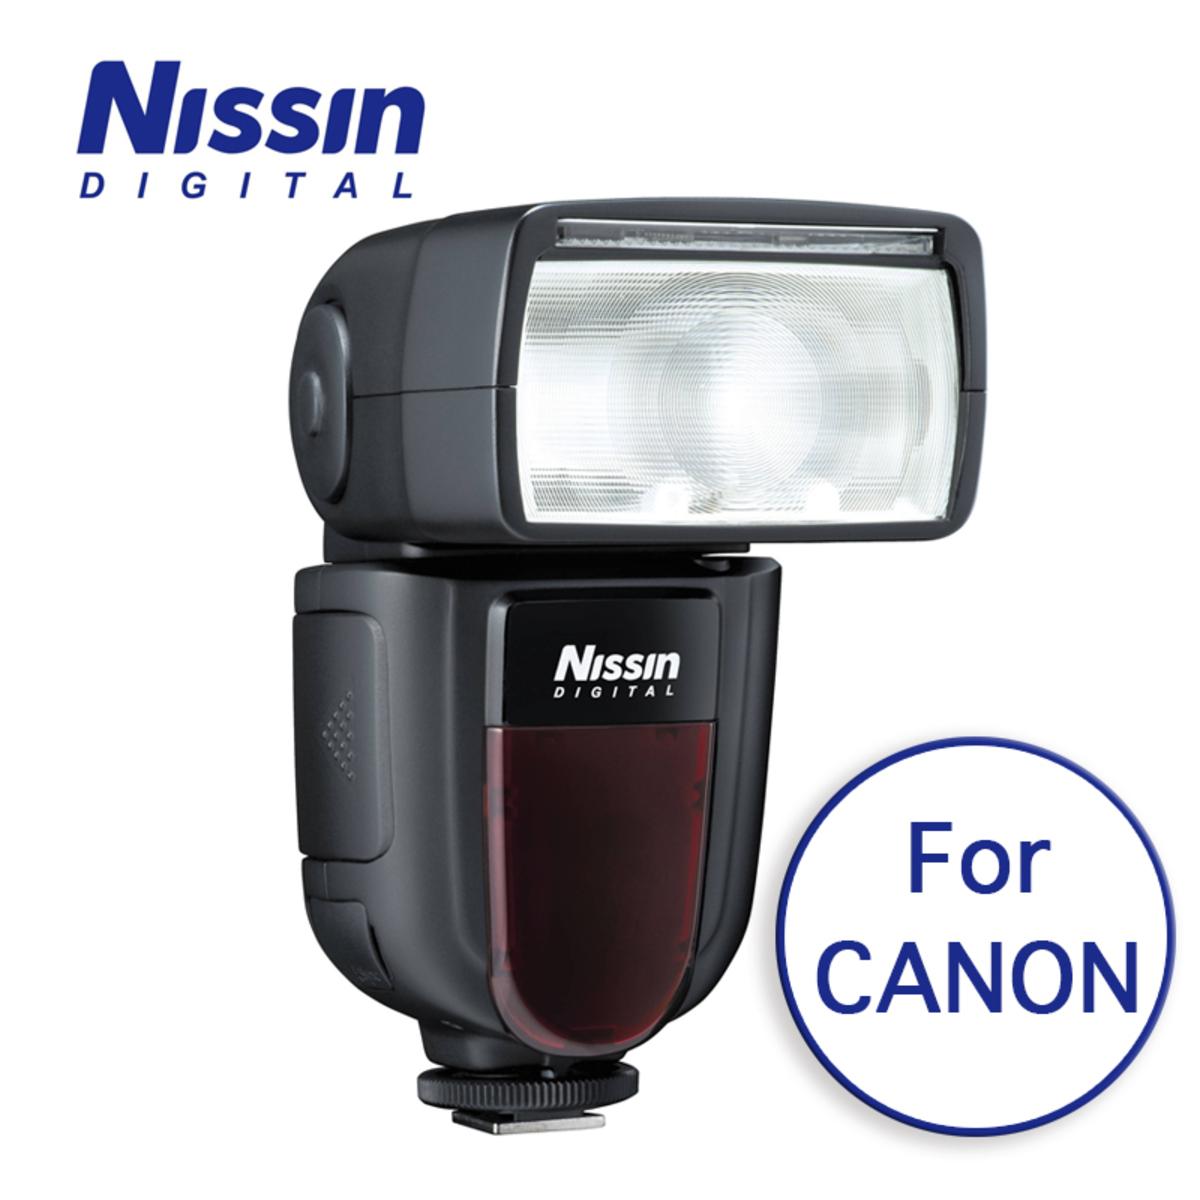 Di700 Flashgun for Canon